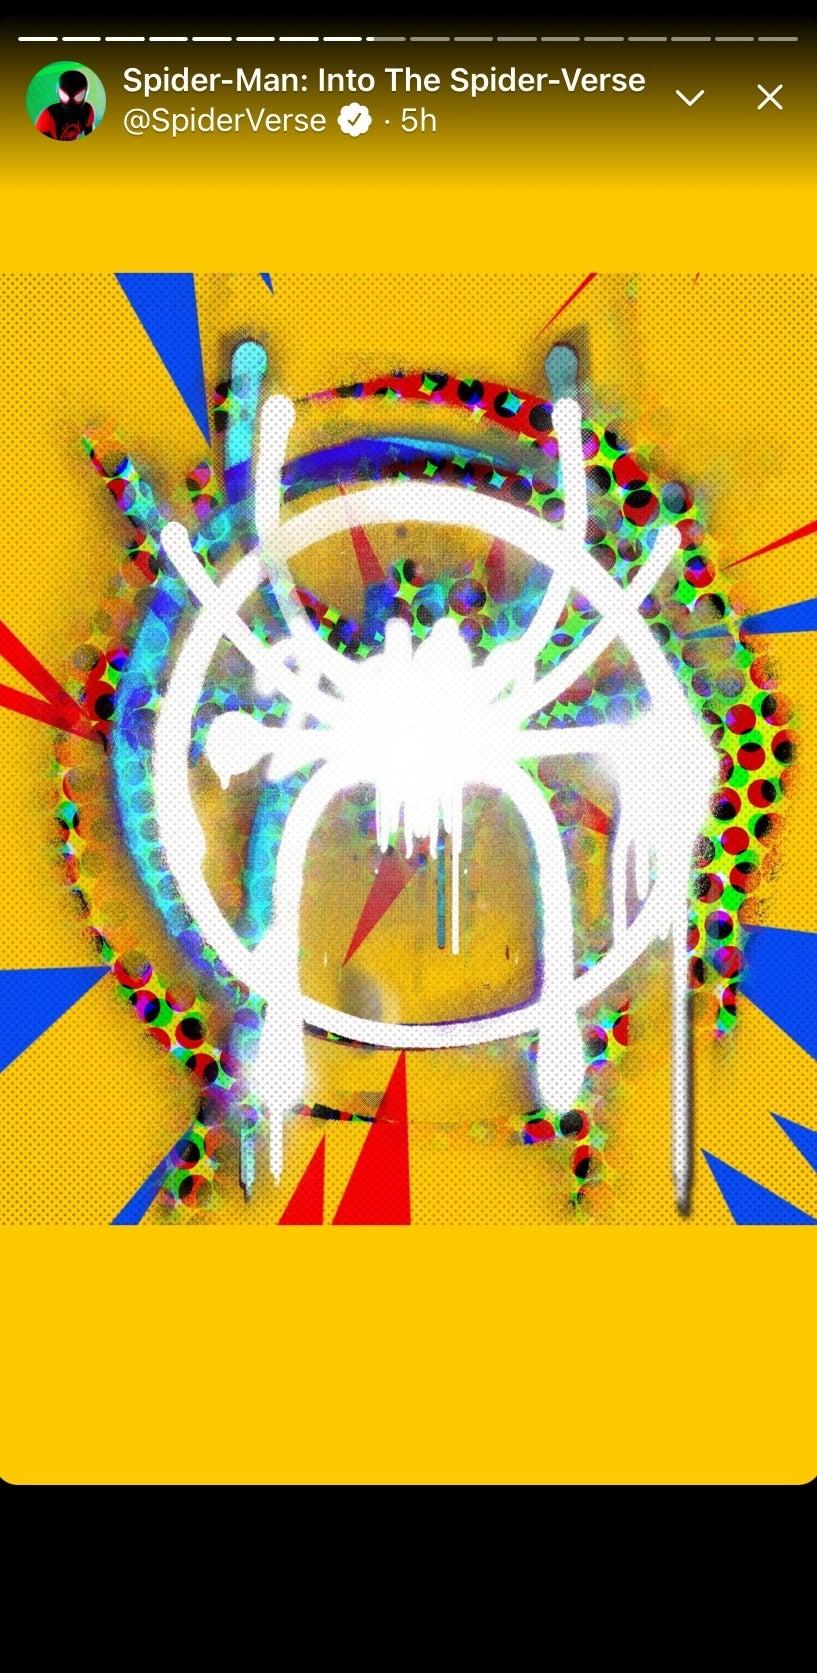 spider man into the spider verse 2 fleets 8